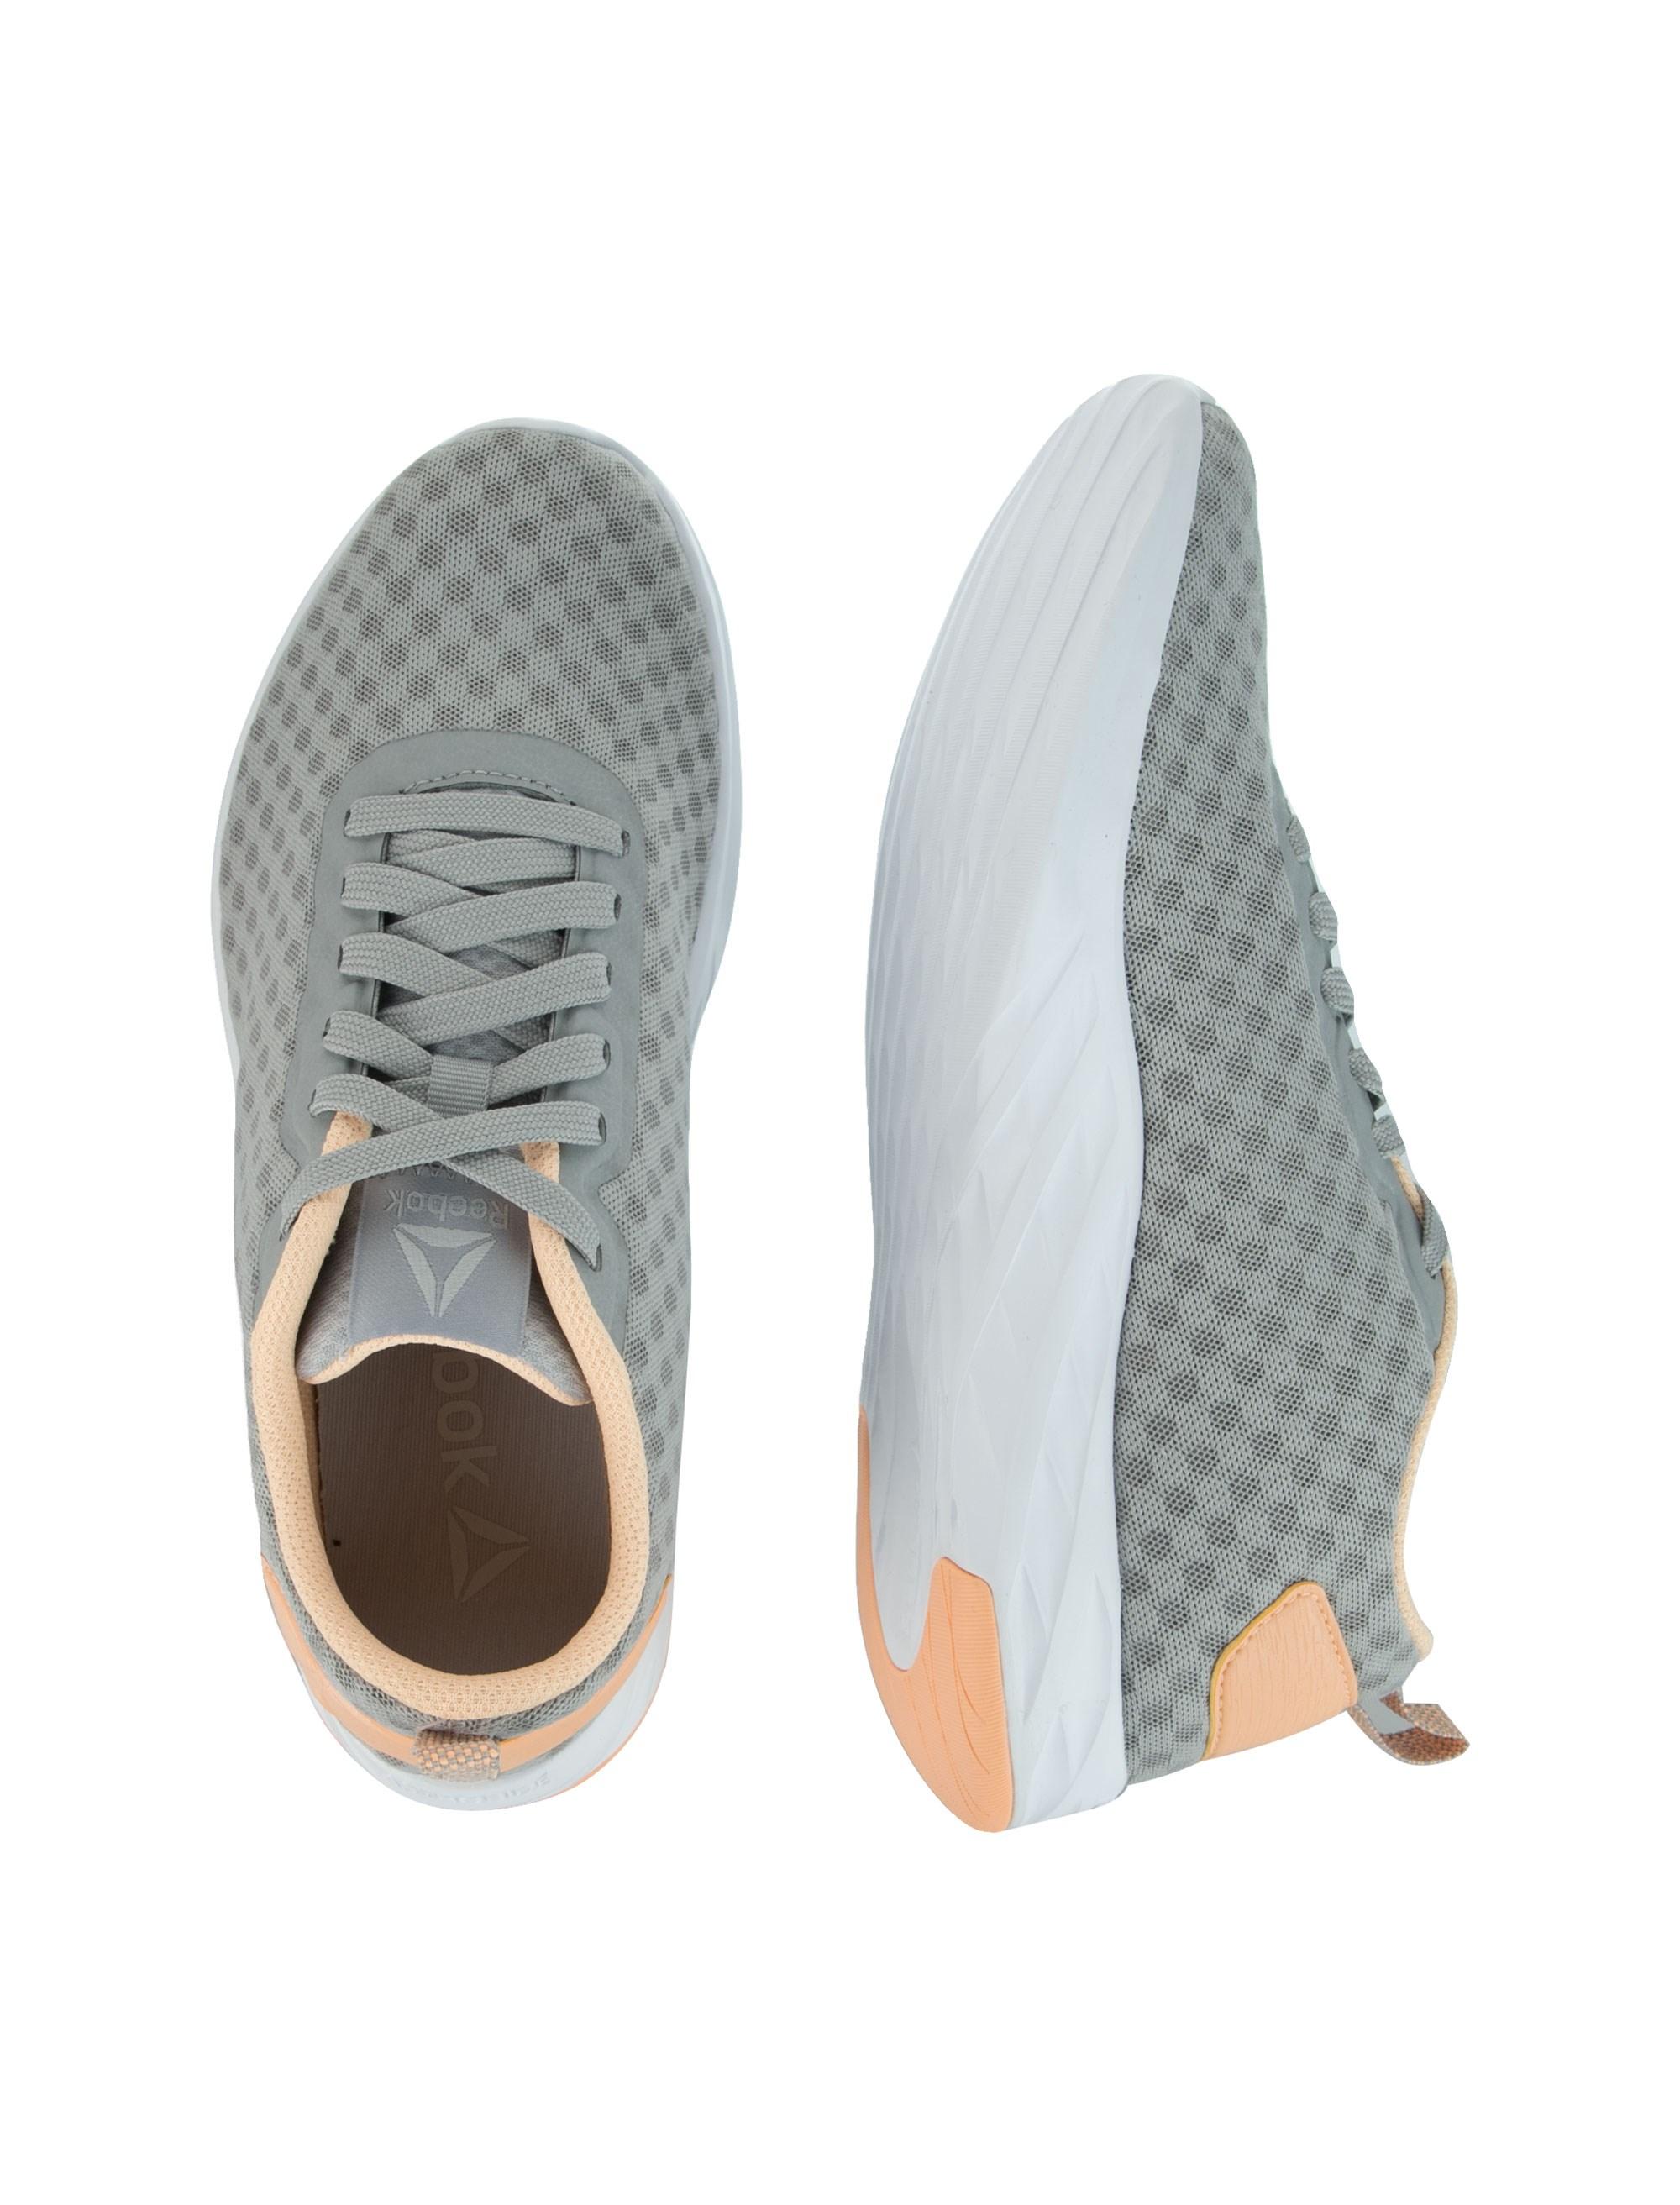 کفش مخصوص پیاده روی زنانه ریباک مدل Astroide Soul